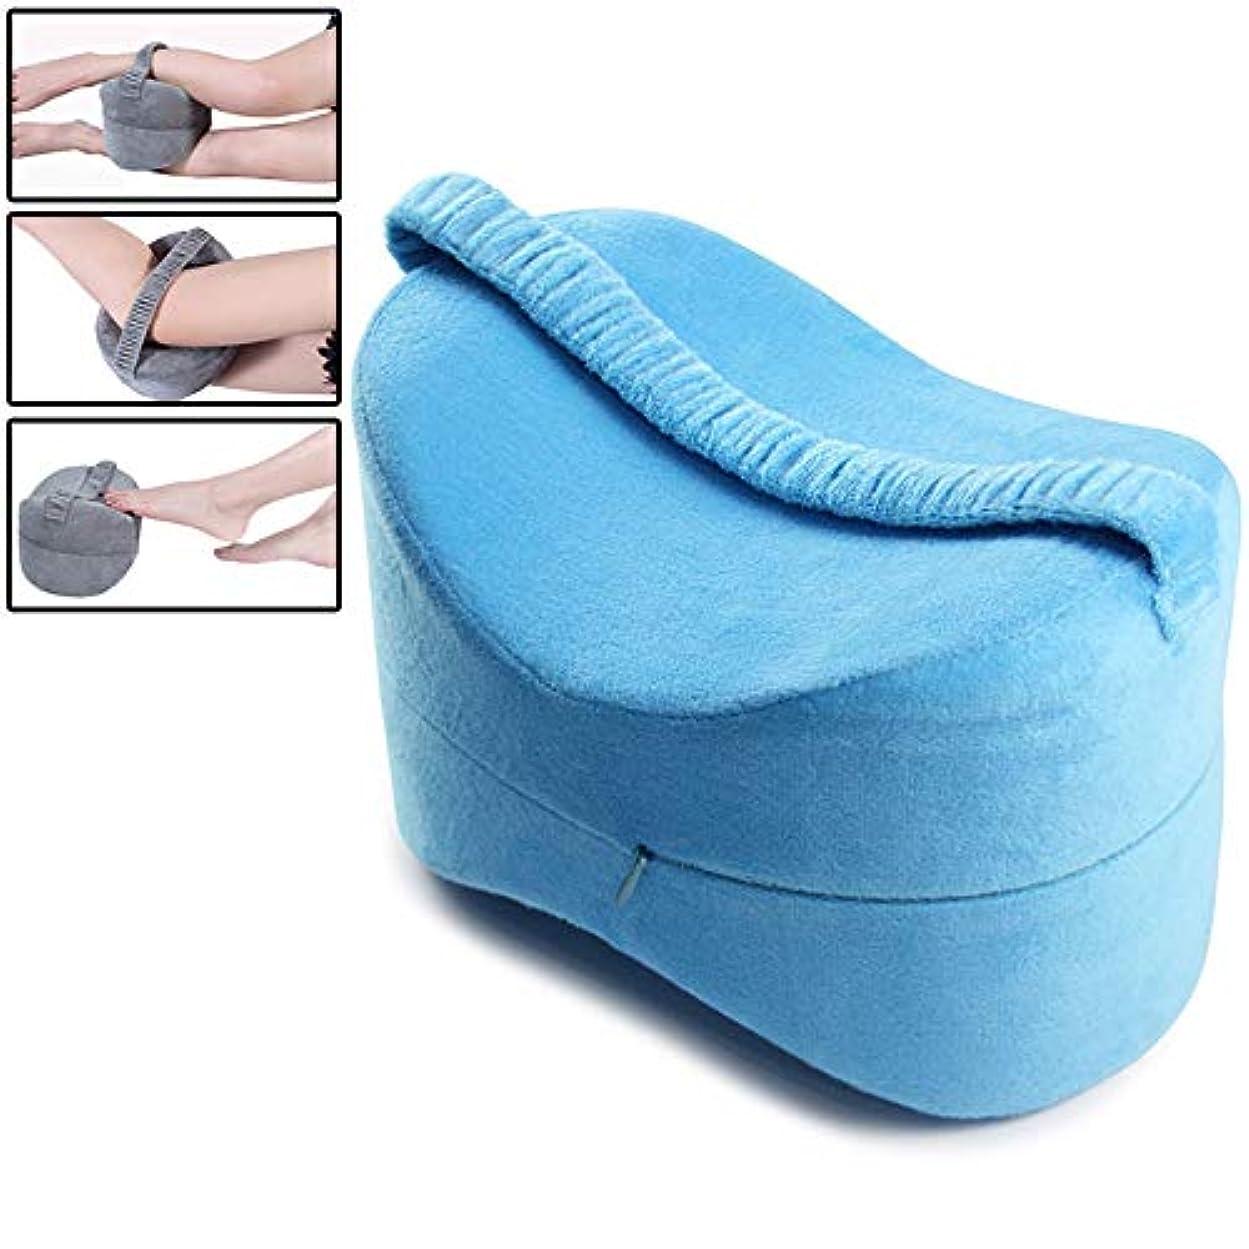 ブラインド押し下げるご近所床ずれ防止、妊娠、腰、足の疲労軽減のための膝枕-調節可能なストラップ付きメモリフォームウェッジ輪郭枕,Blue